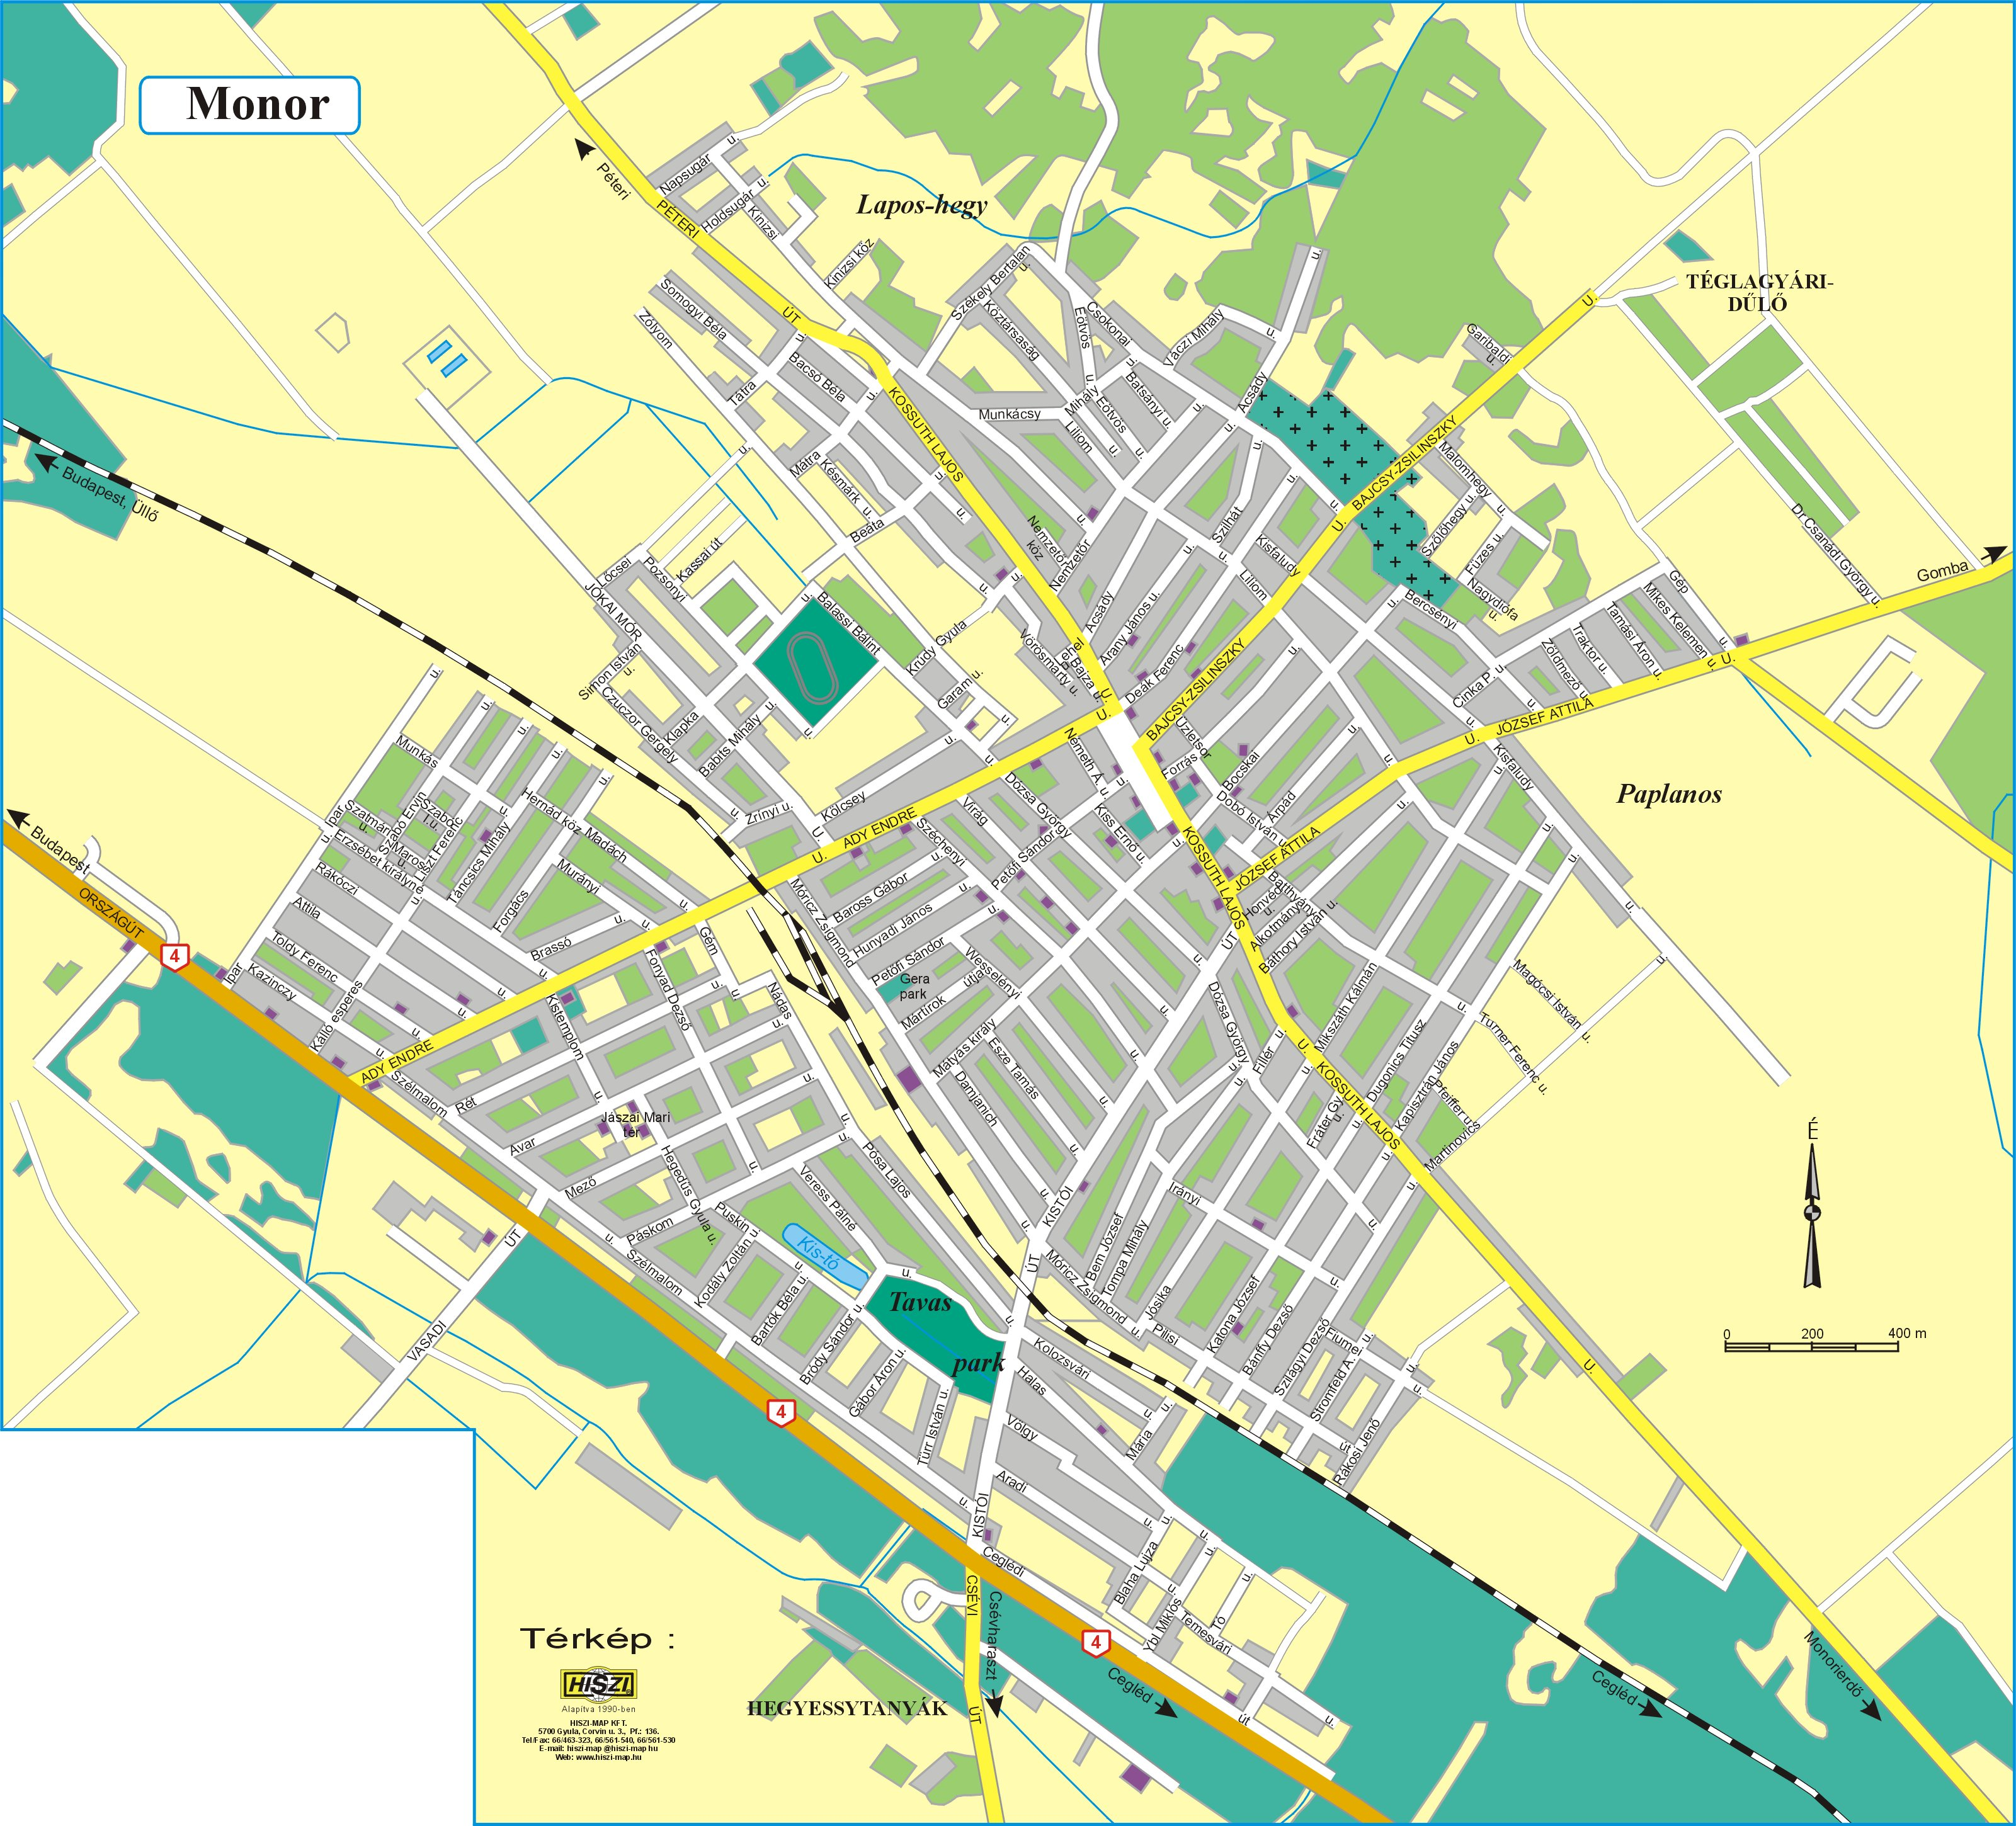 monor térkép GKRTE GÖDÖLLŐ   Gödöllő és Környéke Regionális Turisztikai Egyesület monor térkép